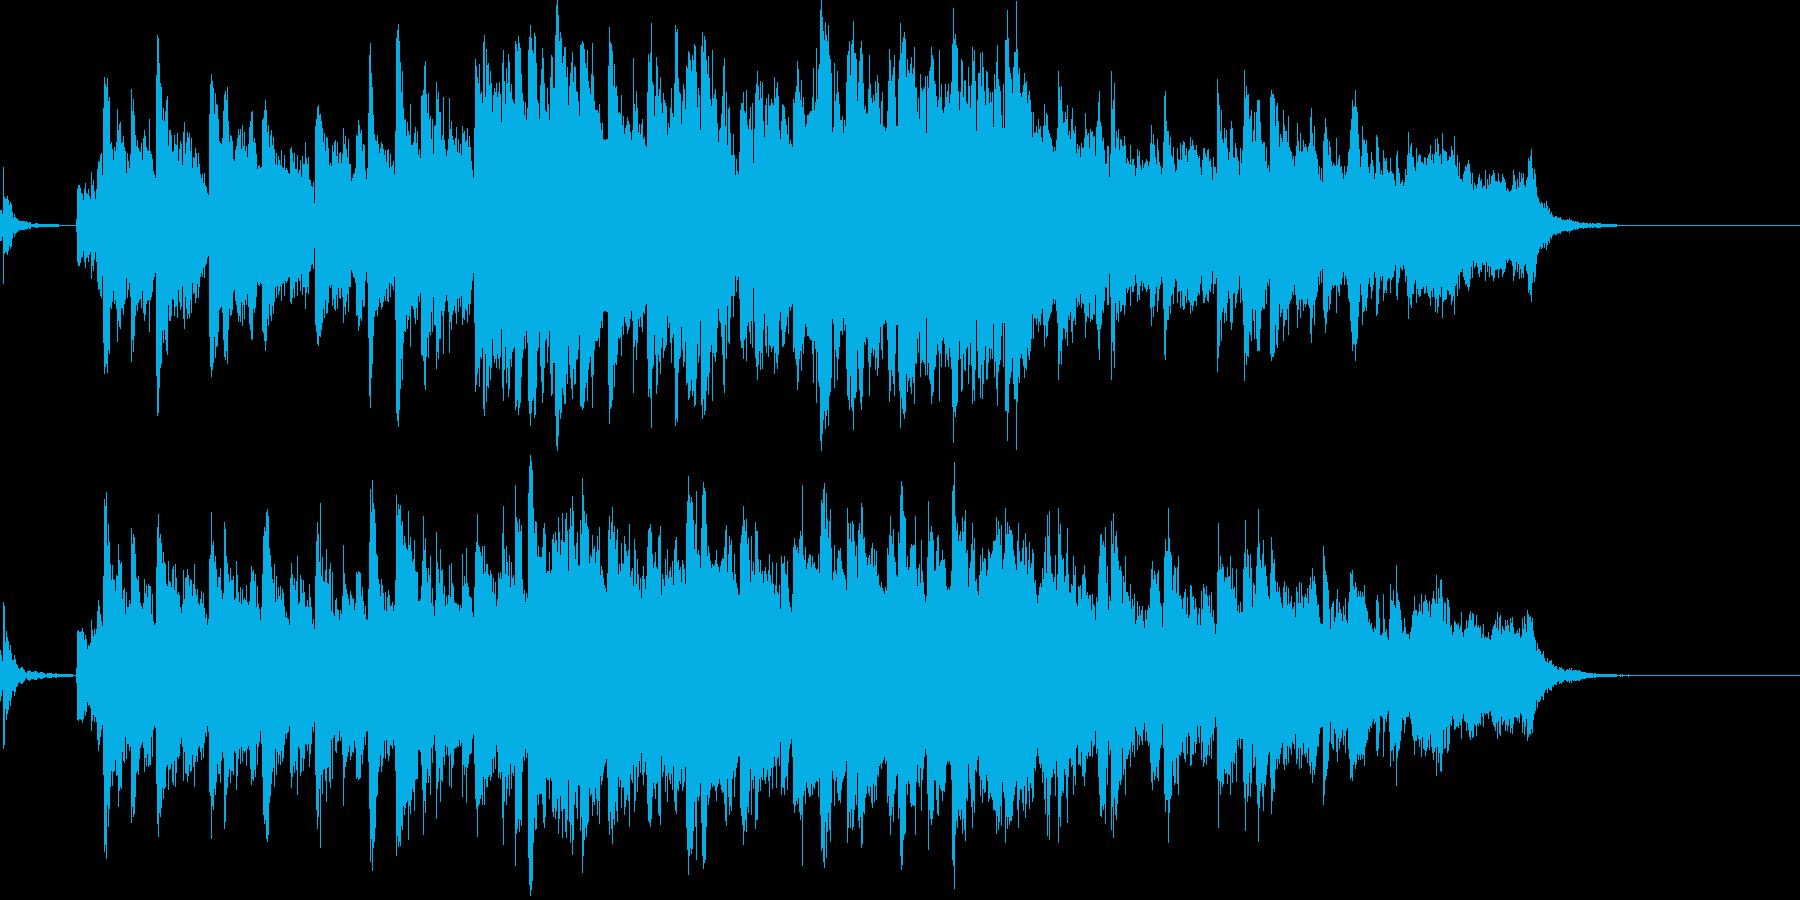 和の柔らかさある季節を感じる曲の再生済みの波形